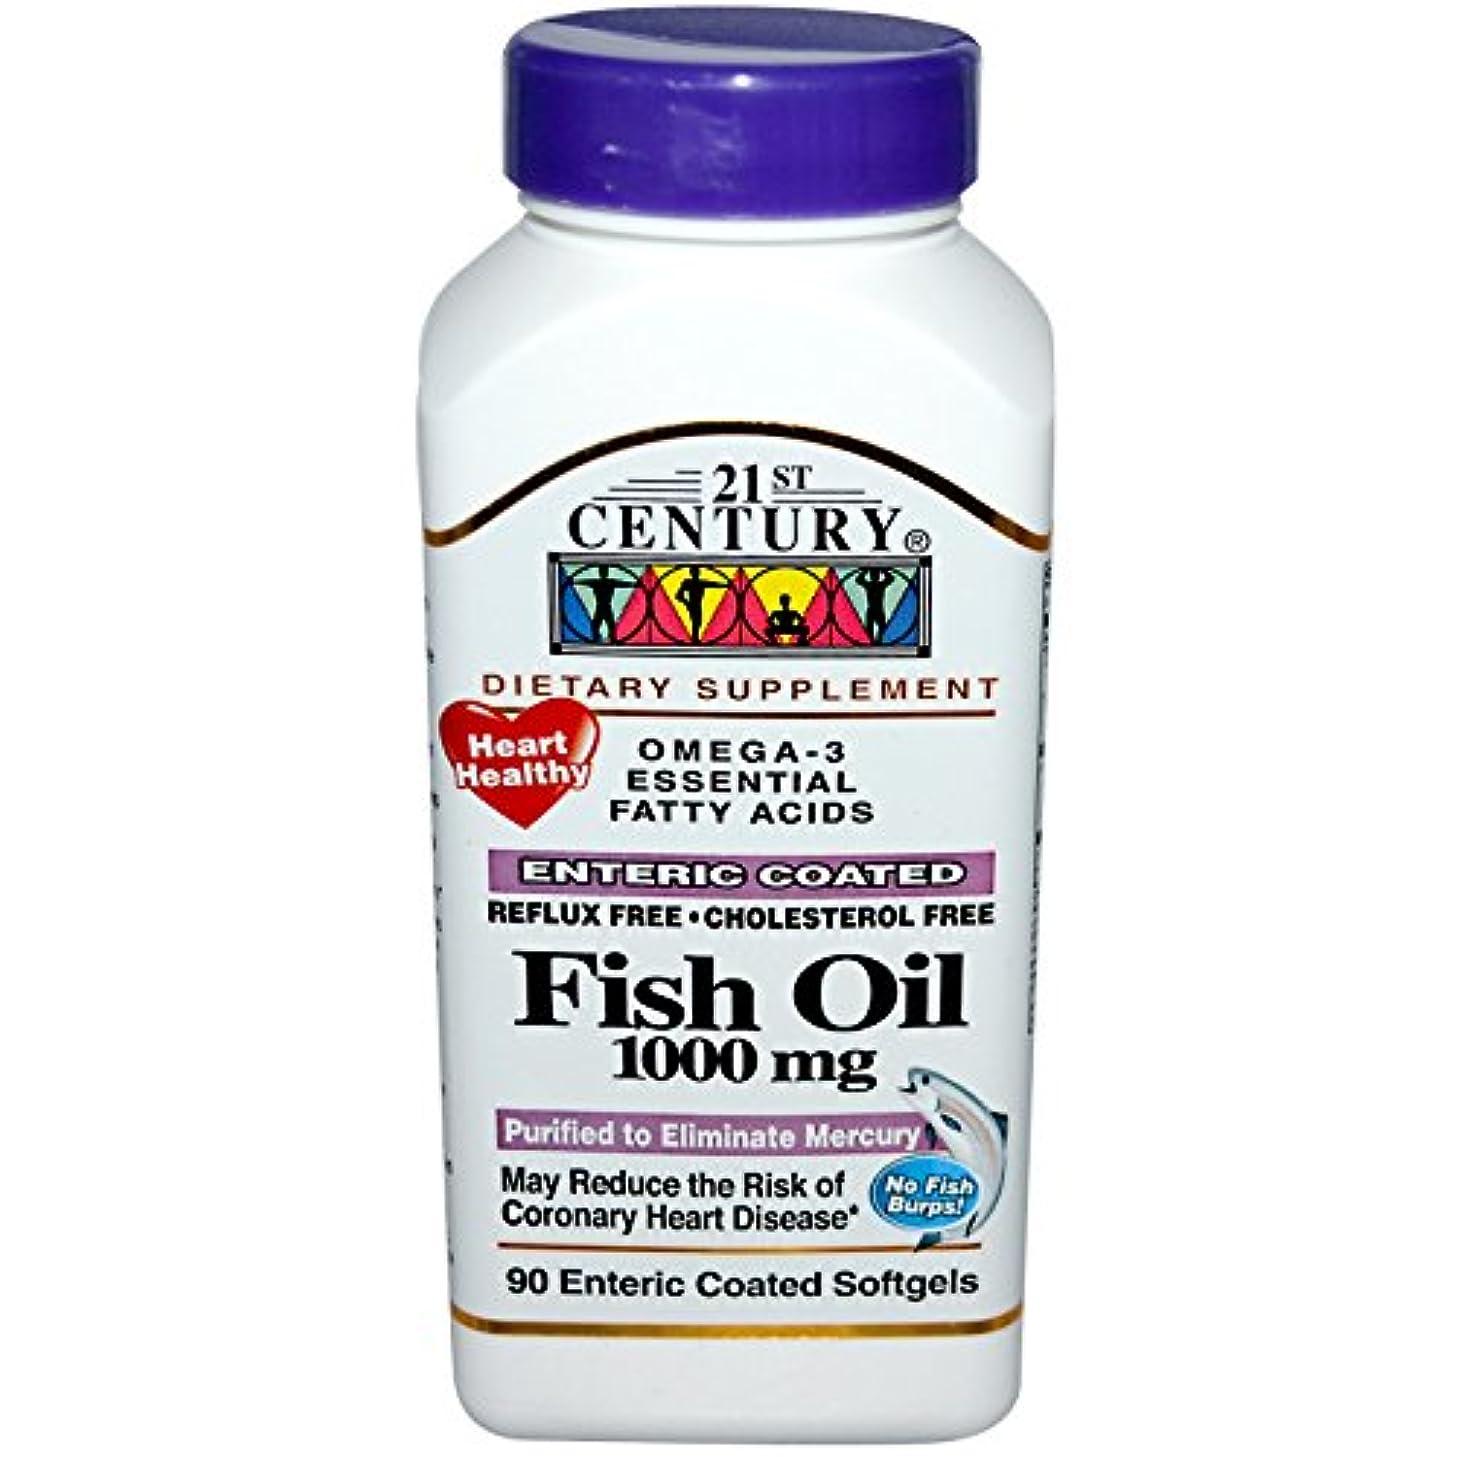 融合保証金ガイドライン21st Century Health Care, Fish Oil, 1000 mg, 90 Enteric Coated Softgels